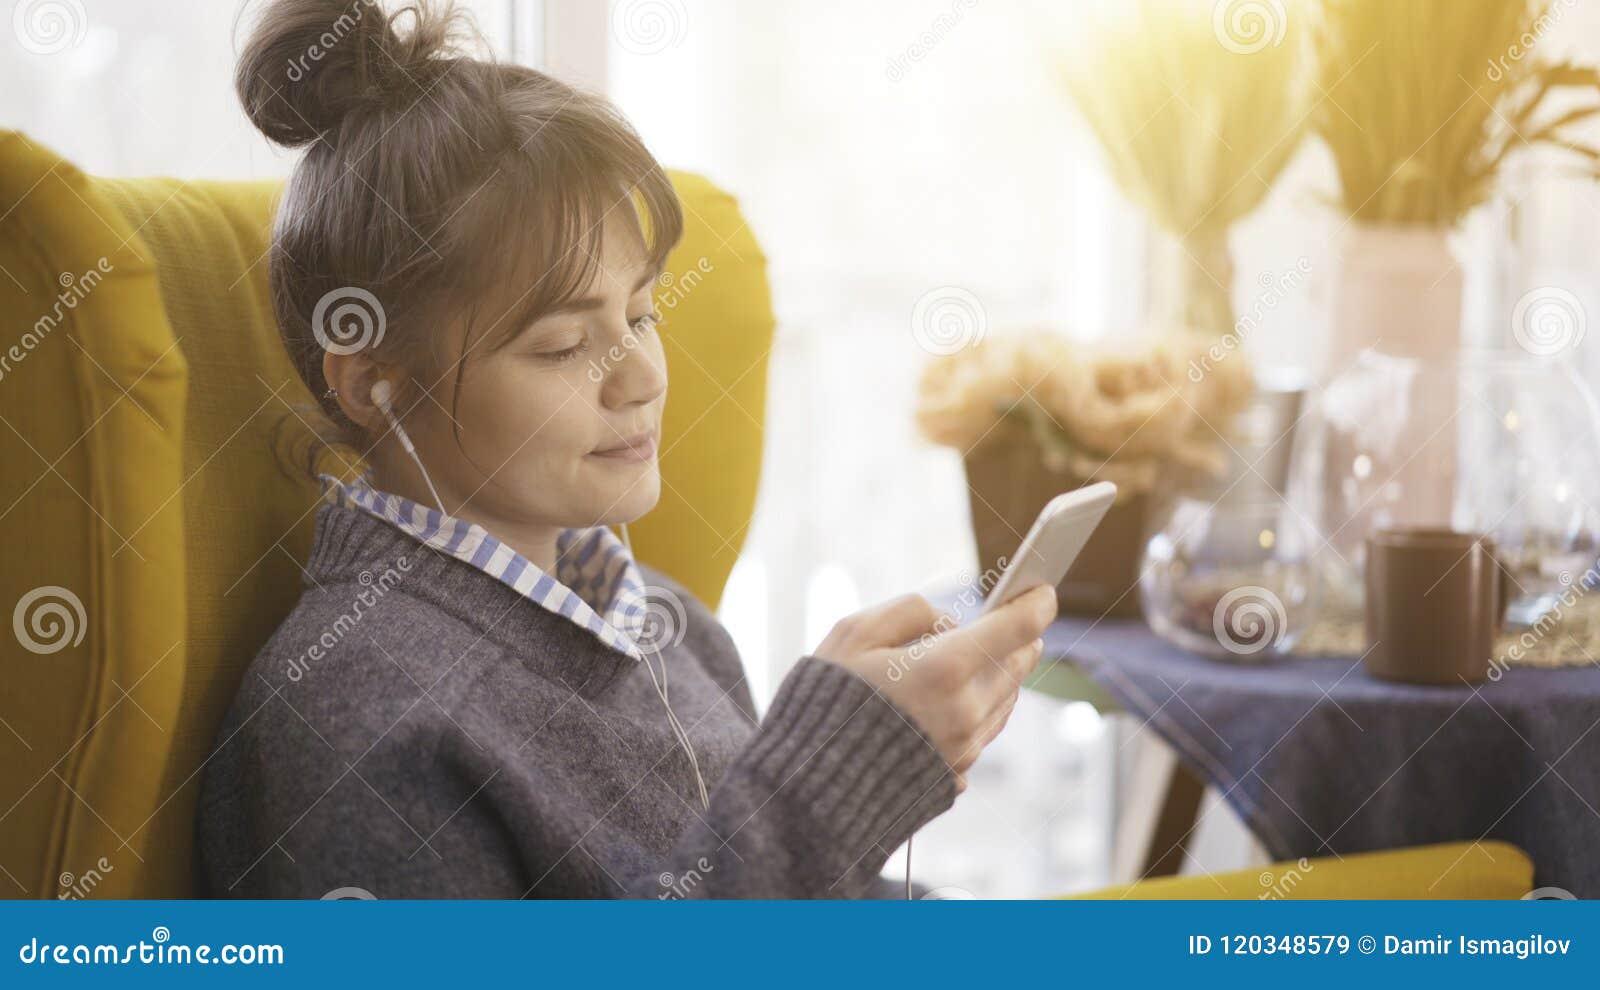 Профиль портрета девушки в наушниках держа телефон